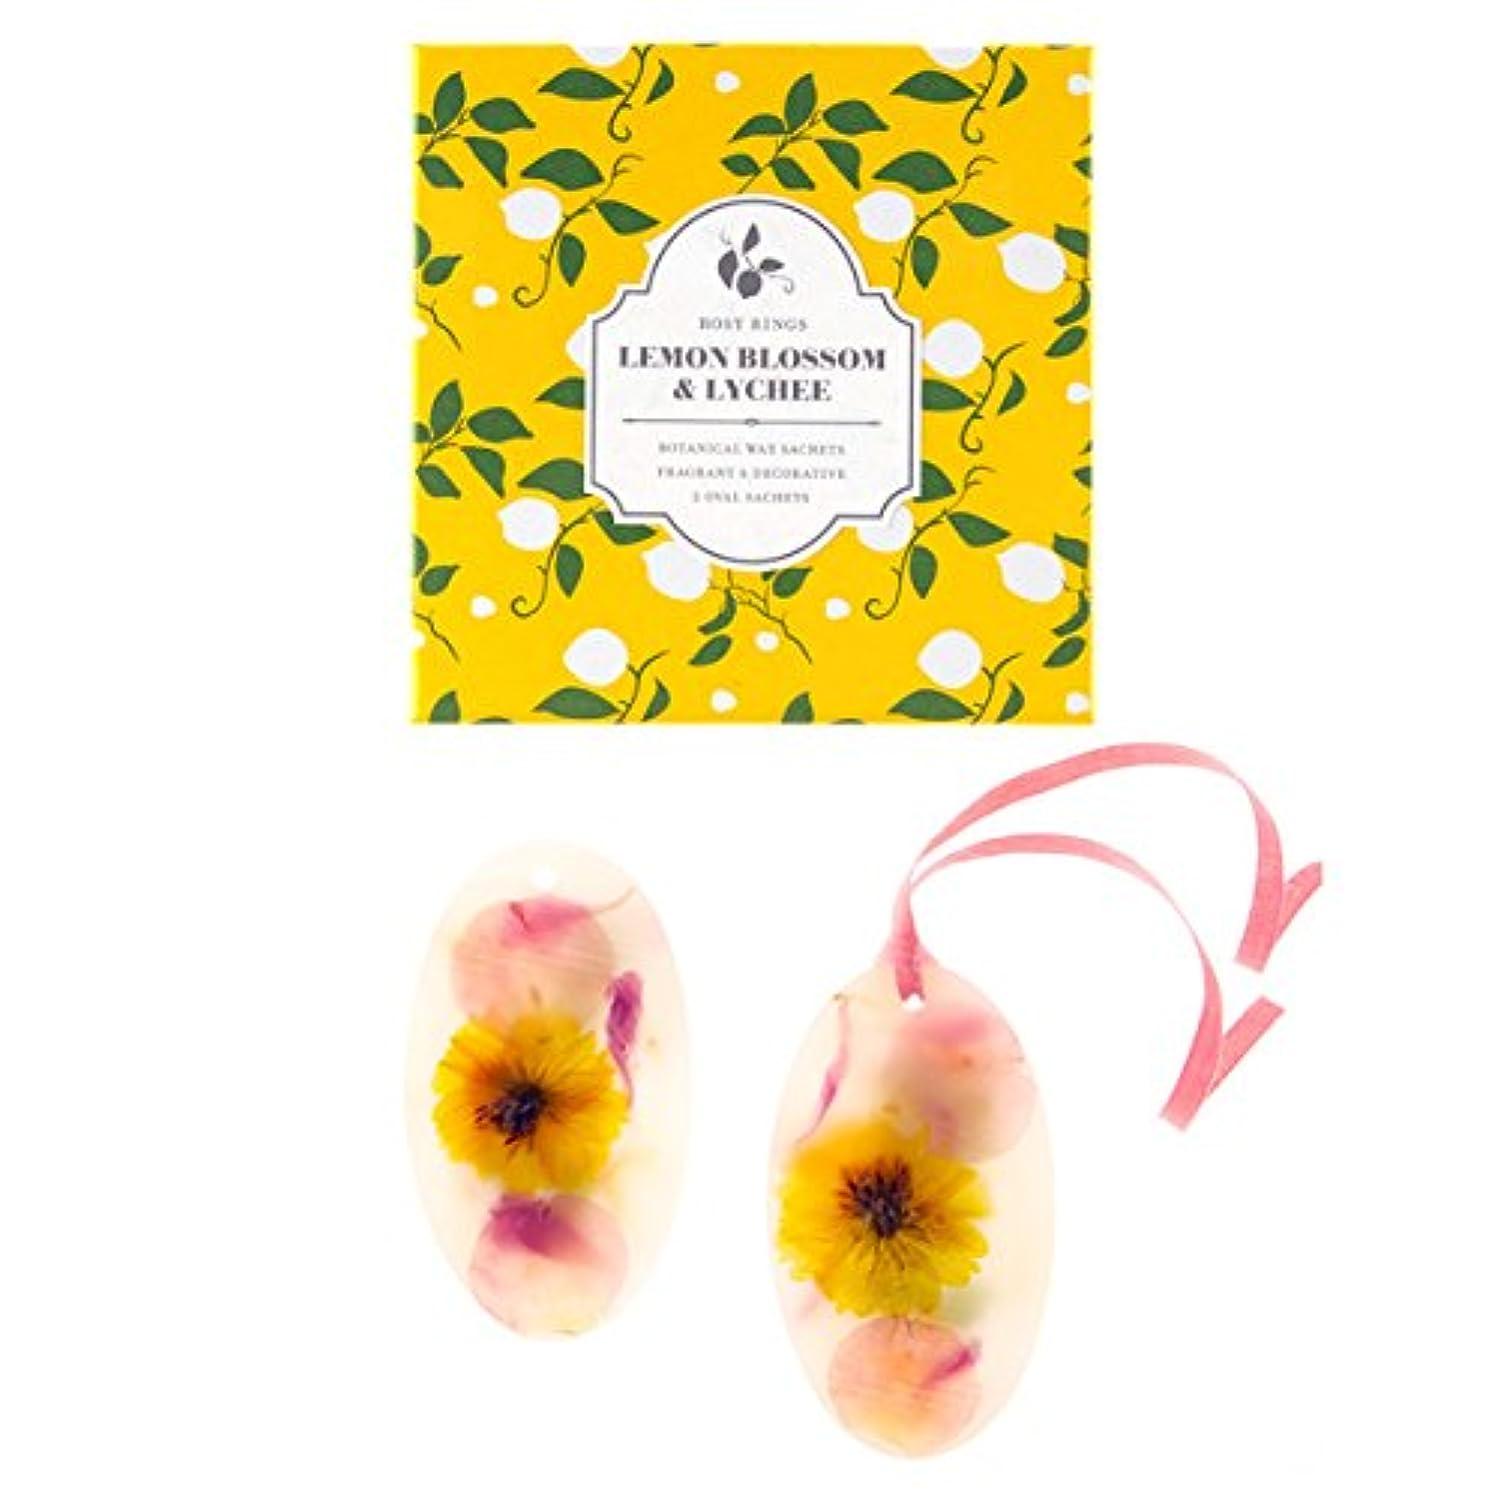 宿泊施設毎回印象ロージーリングス ボタニカルワックスサシェ オーバル レモンブロッサム&ライチ ROSY RINGS Signature Collection Botanical Wax Sachets – Lemon Blossom...